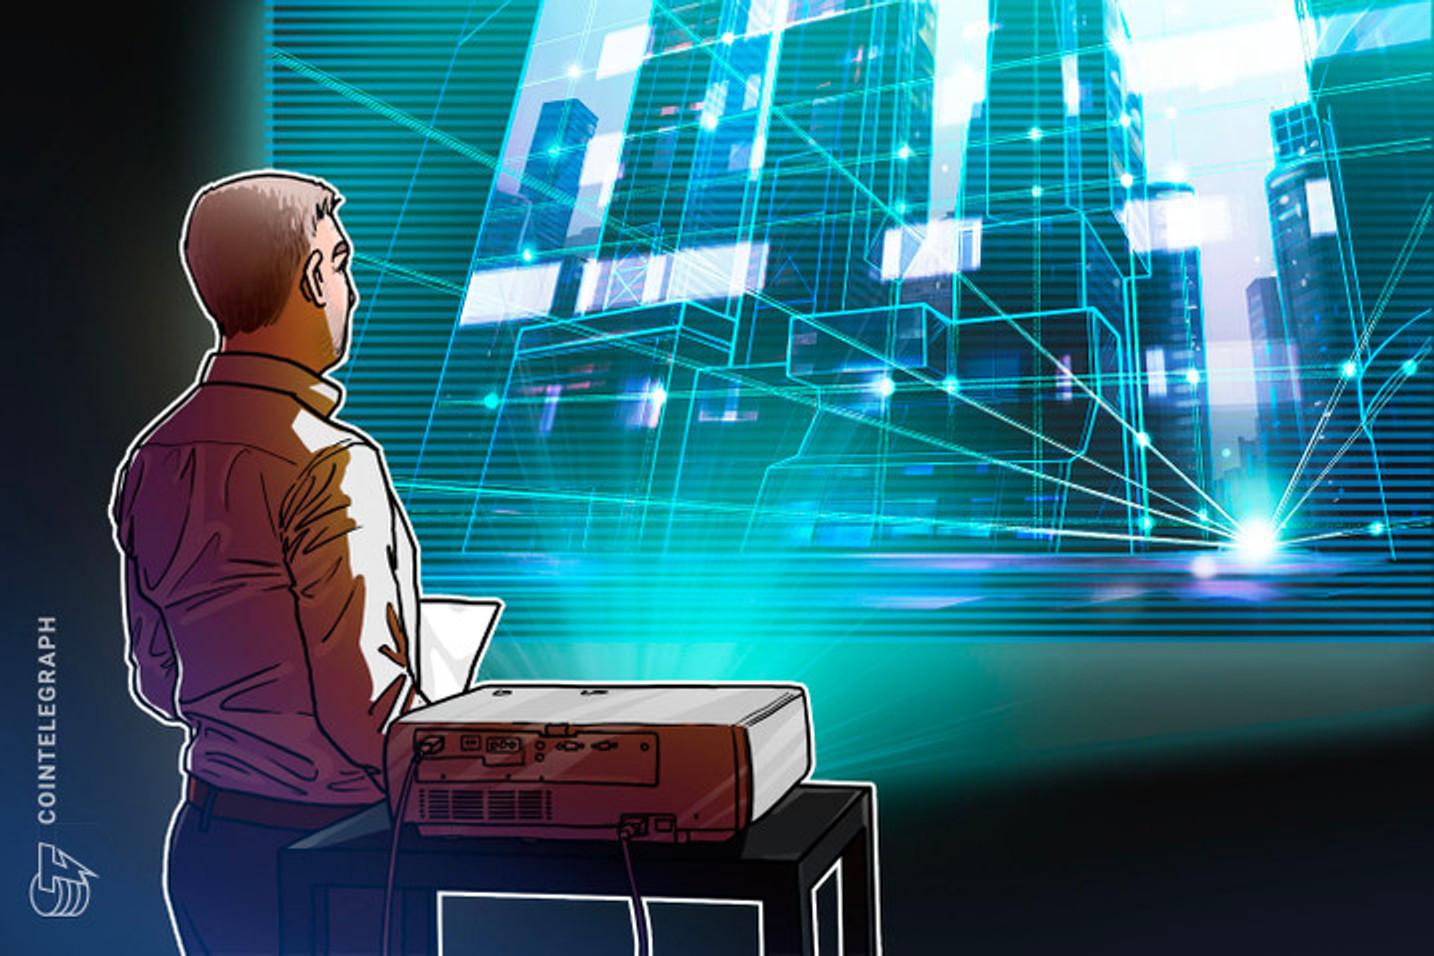 IOTA startet neue Partnerschaft für Smart-City-Projekte in Südkorea